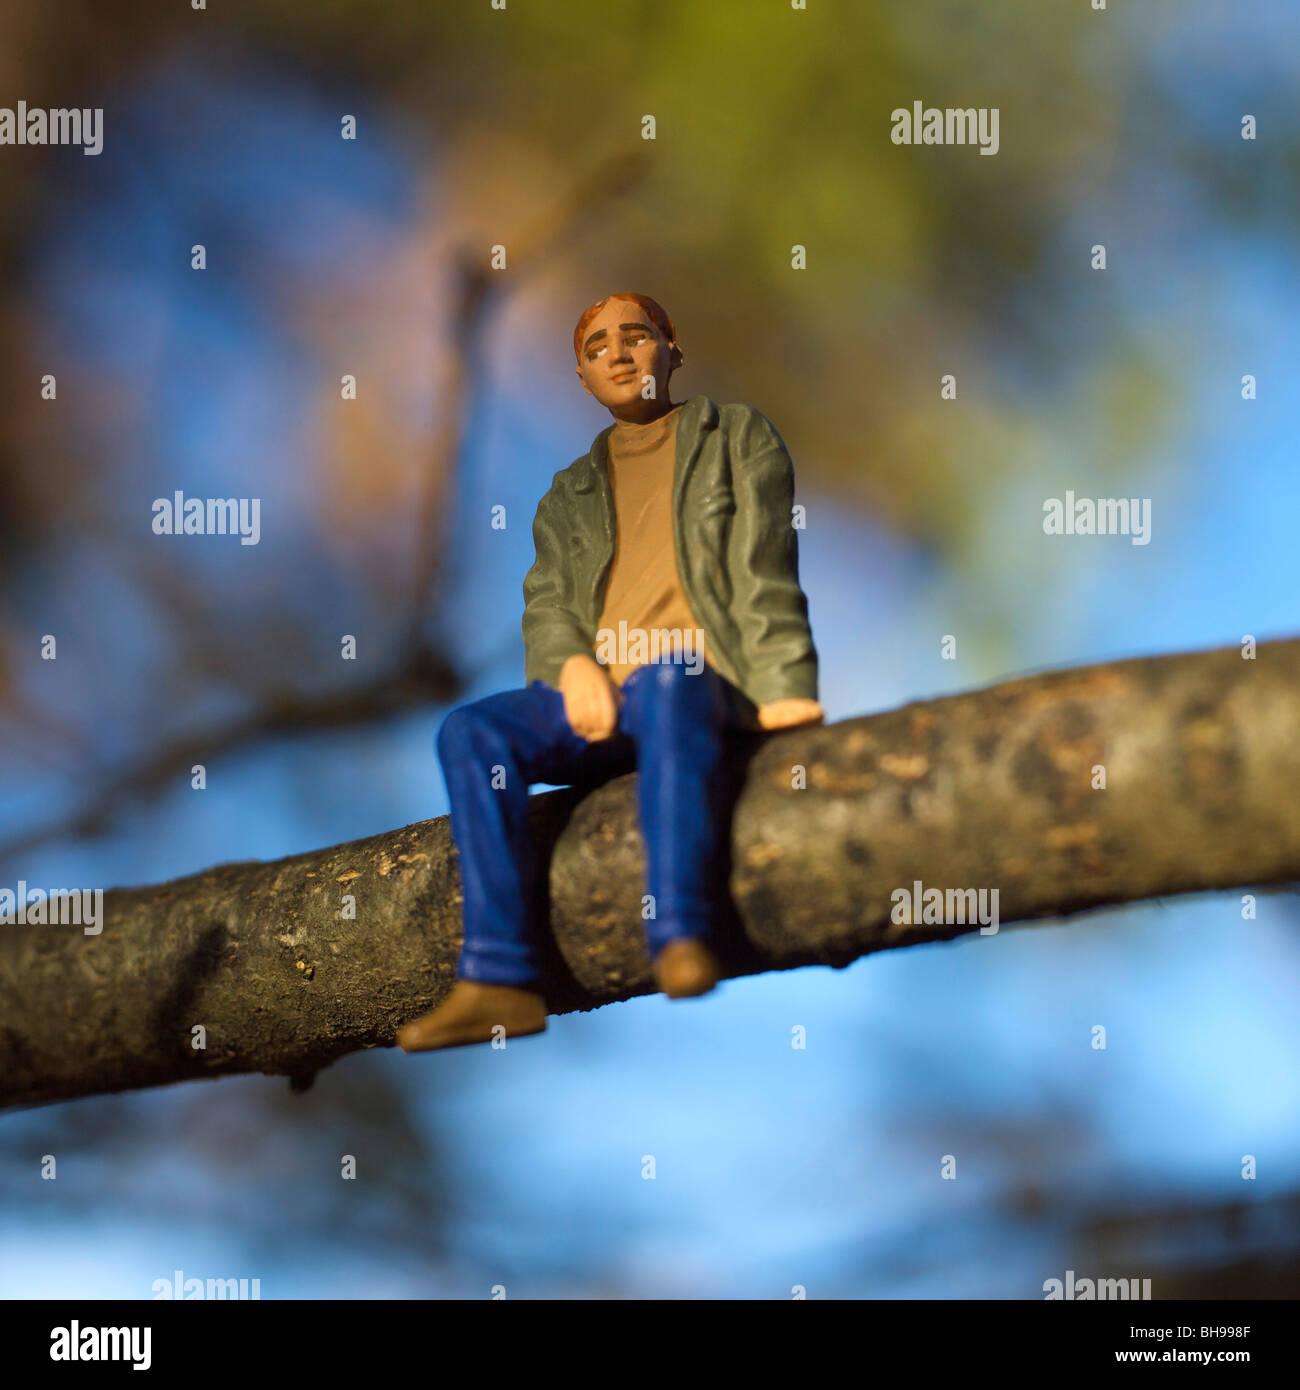 Environnement / écologie / environnement / nature / green living / escape / concepts concept liberté Photo Stock